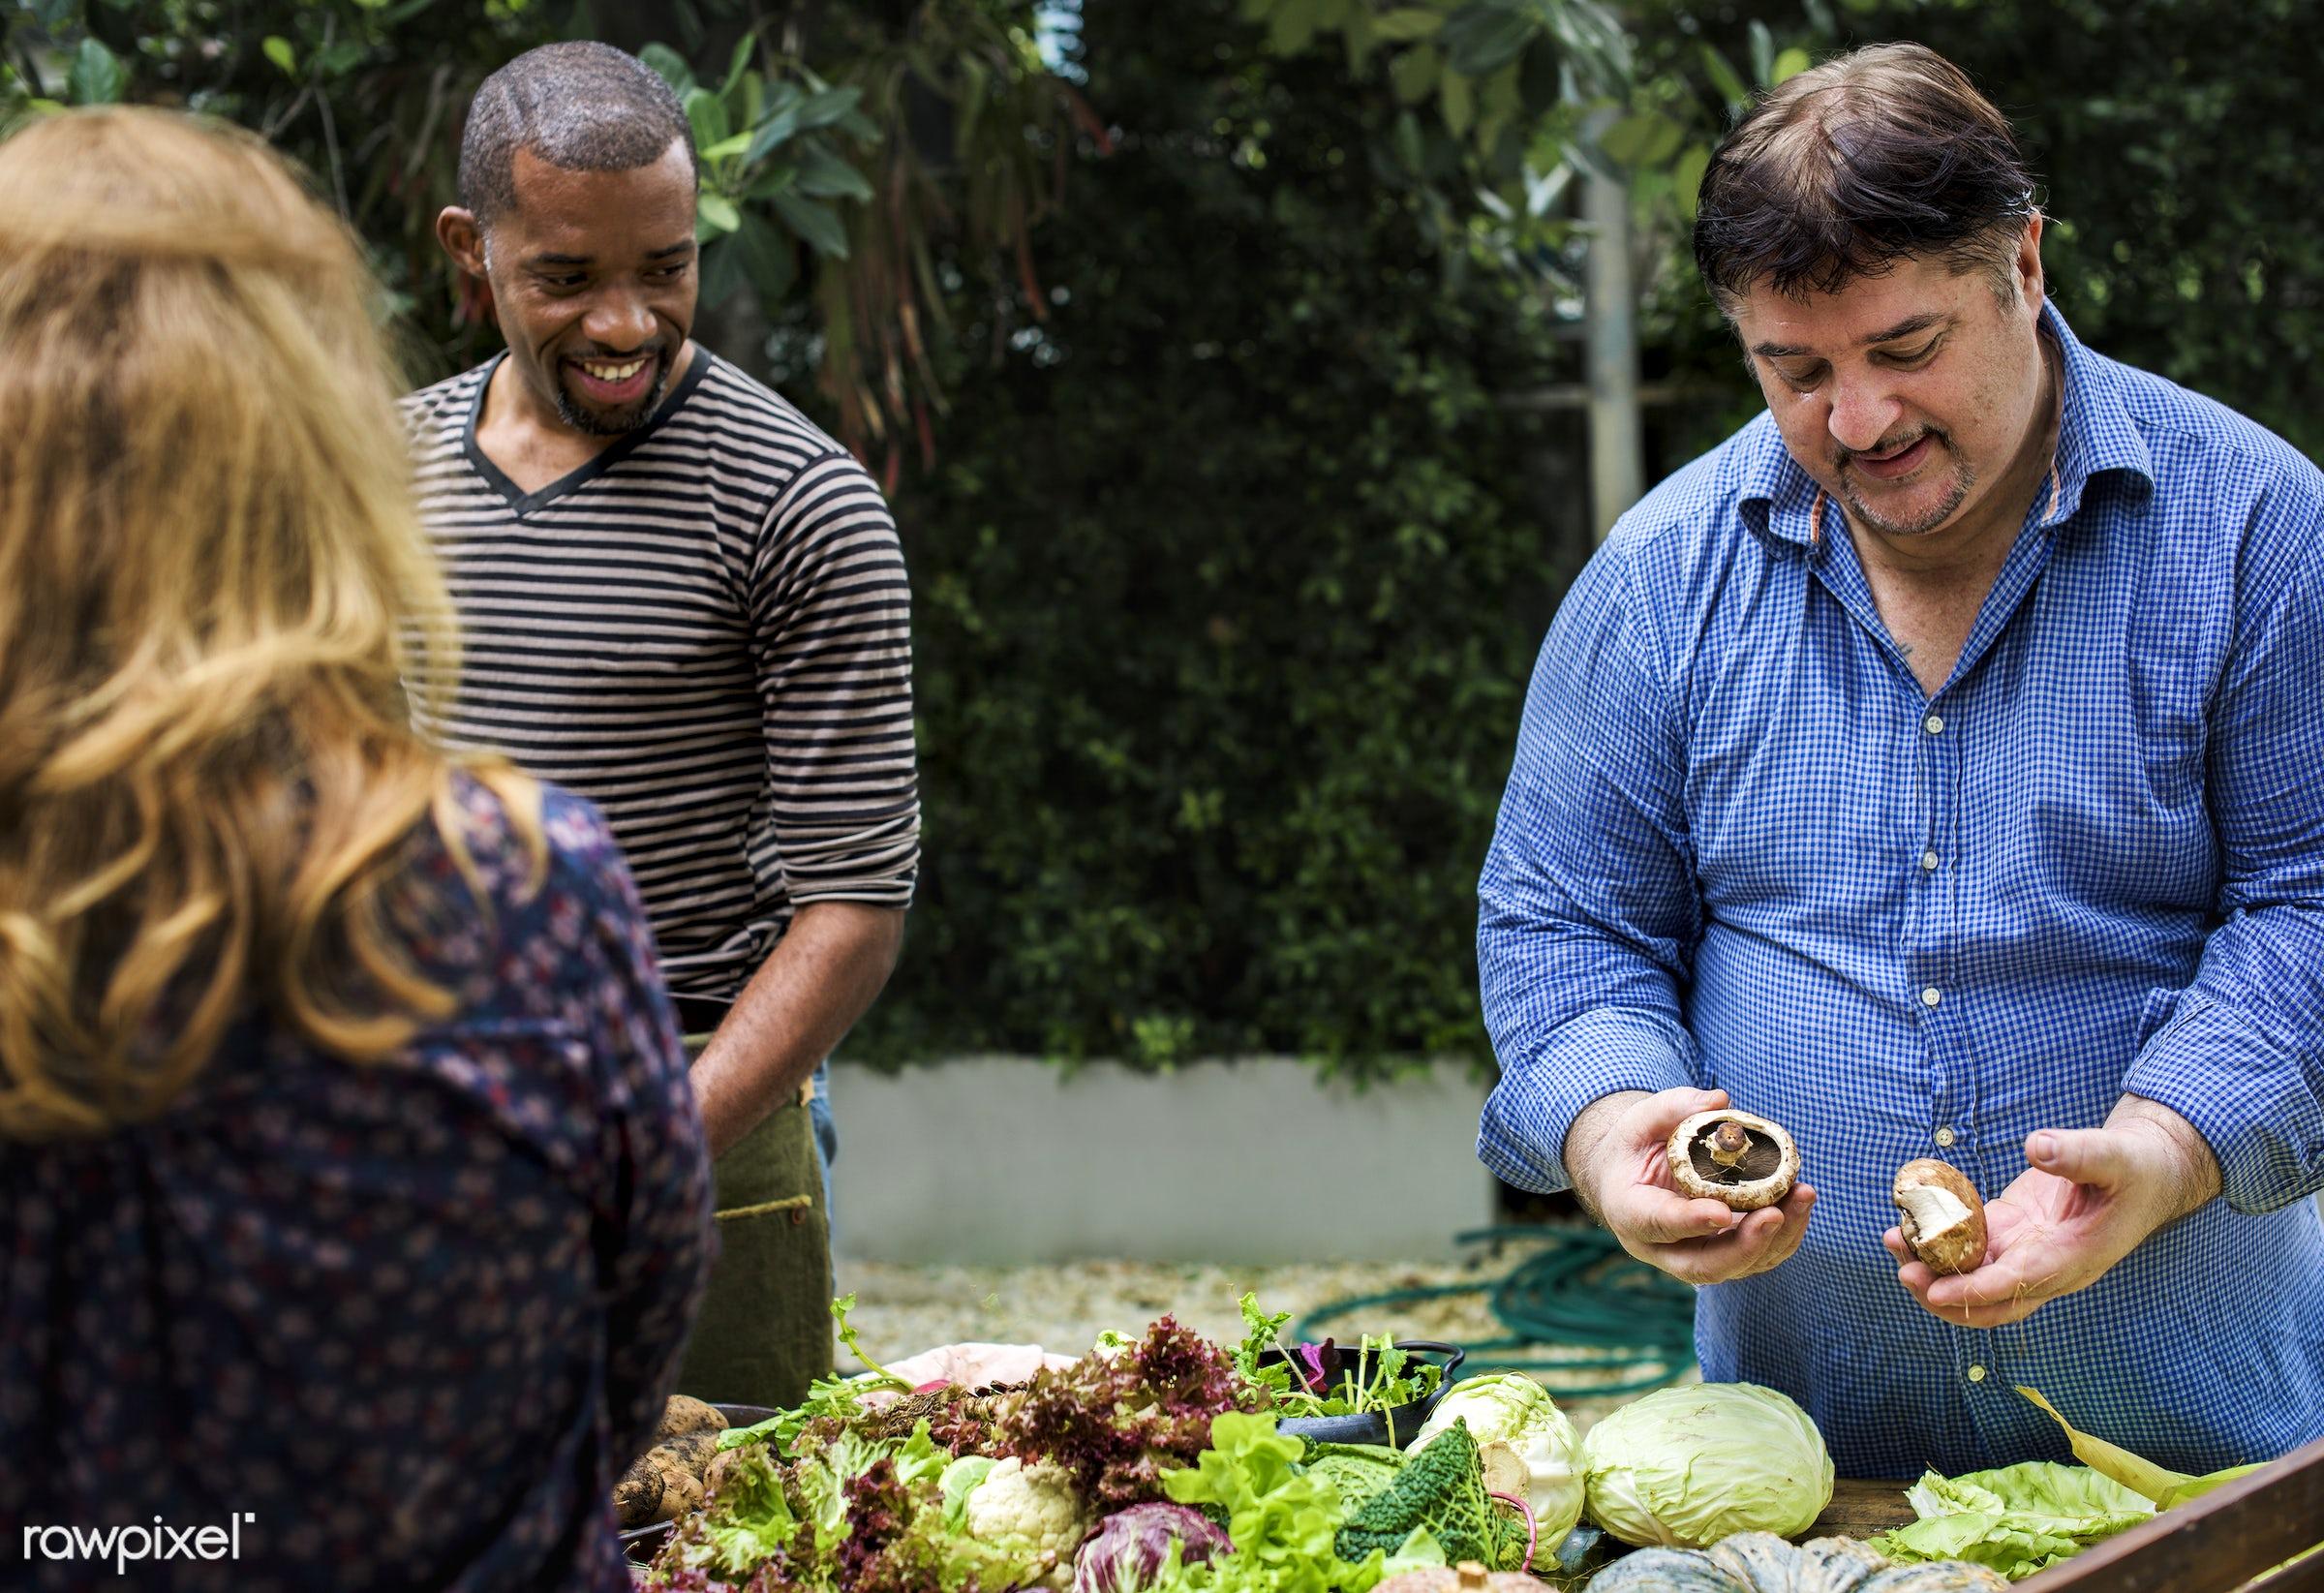 mushroom, cuisine, variation, gastronomy, people, kind, ingredients, buying, veggie, gourmet, selling, vegetables, nutrition...